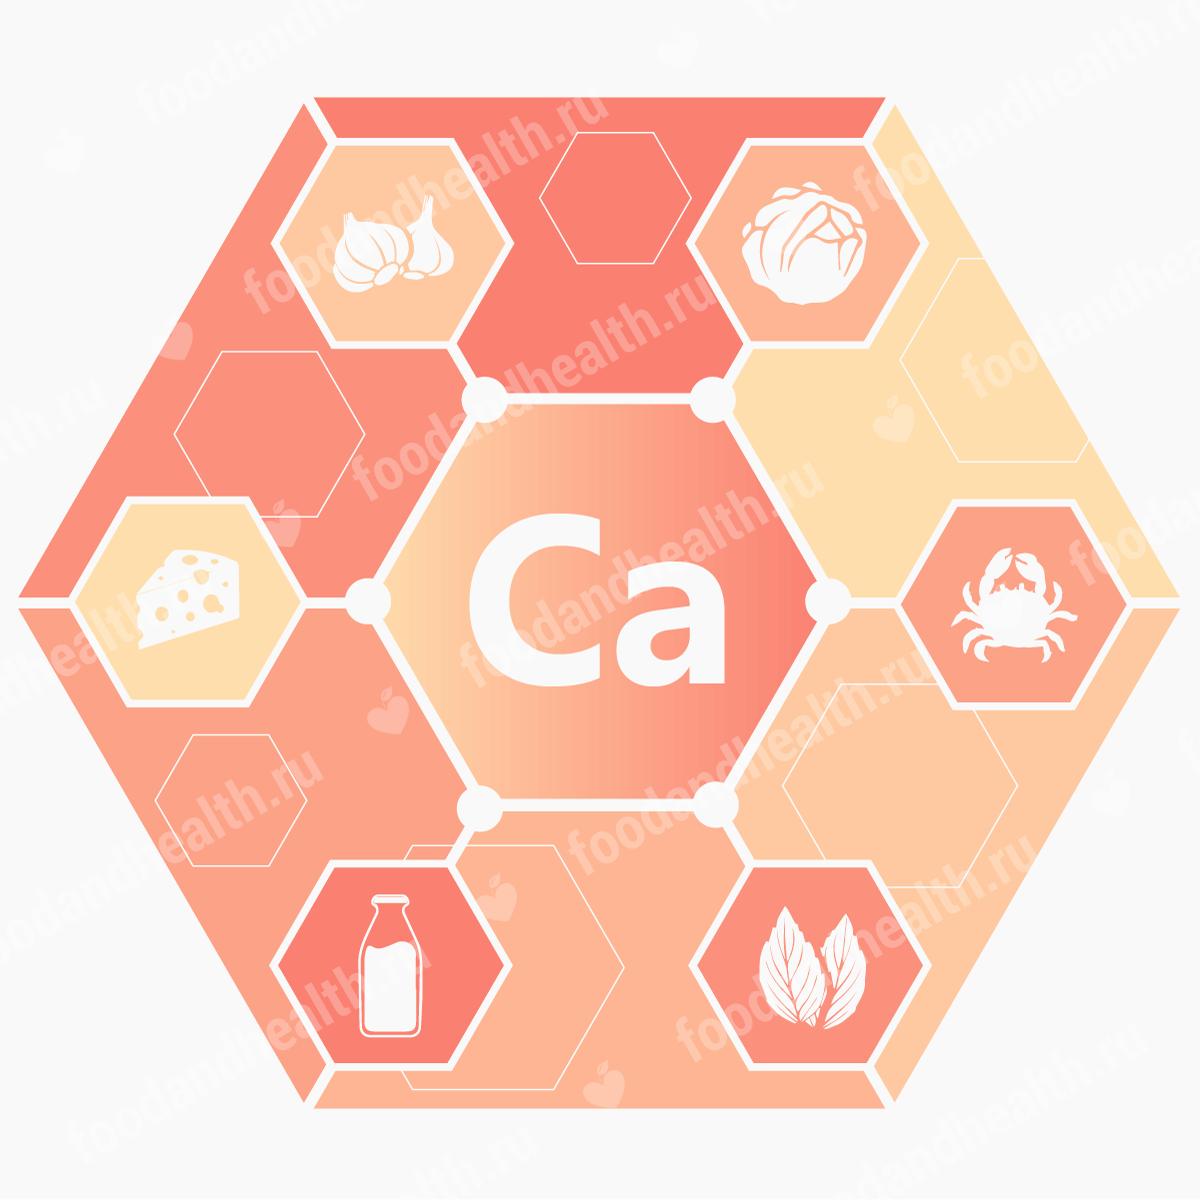 Диета богатая кальцием и витамином д